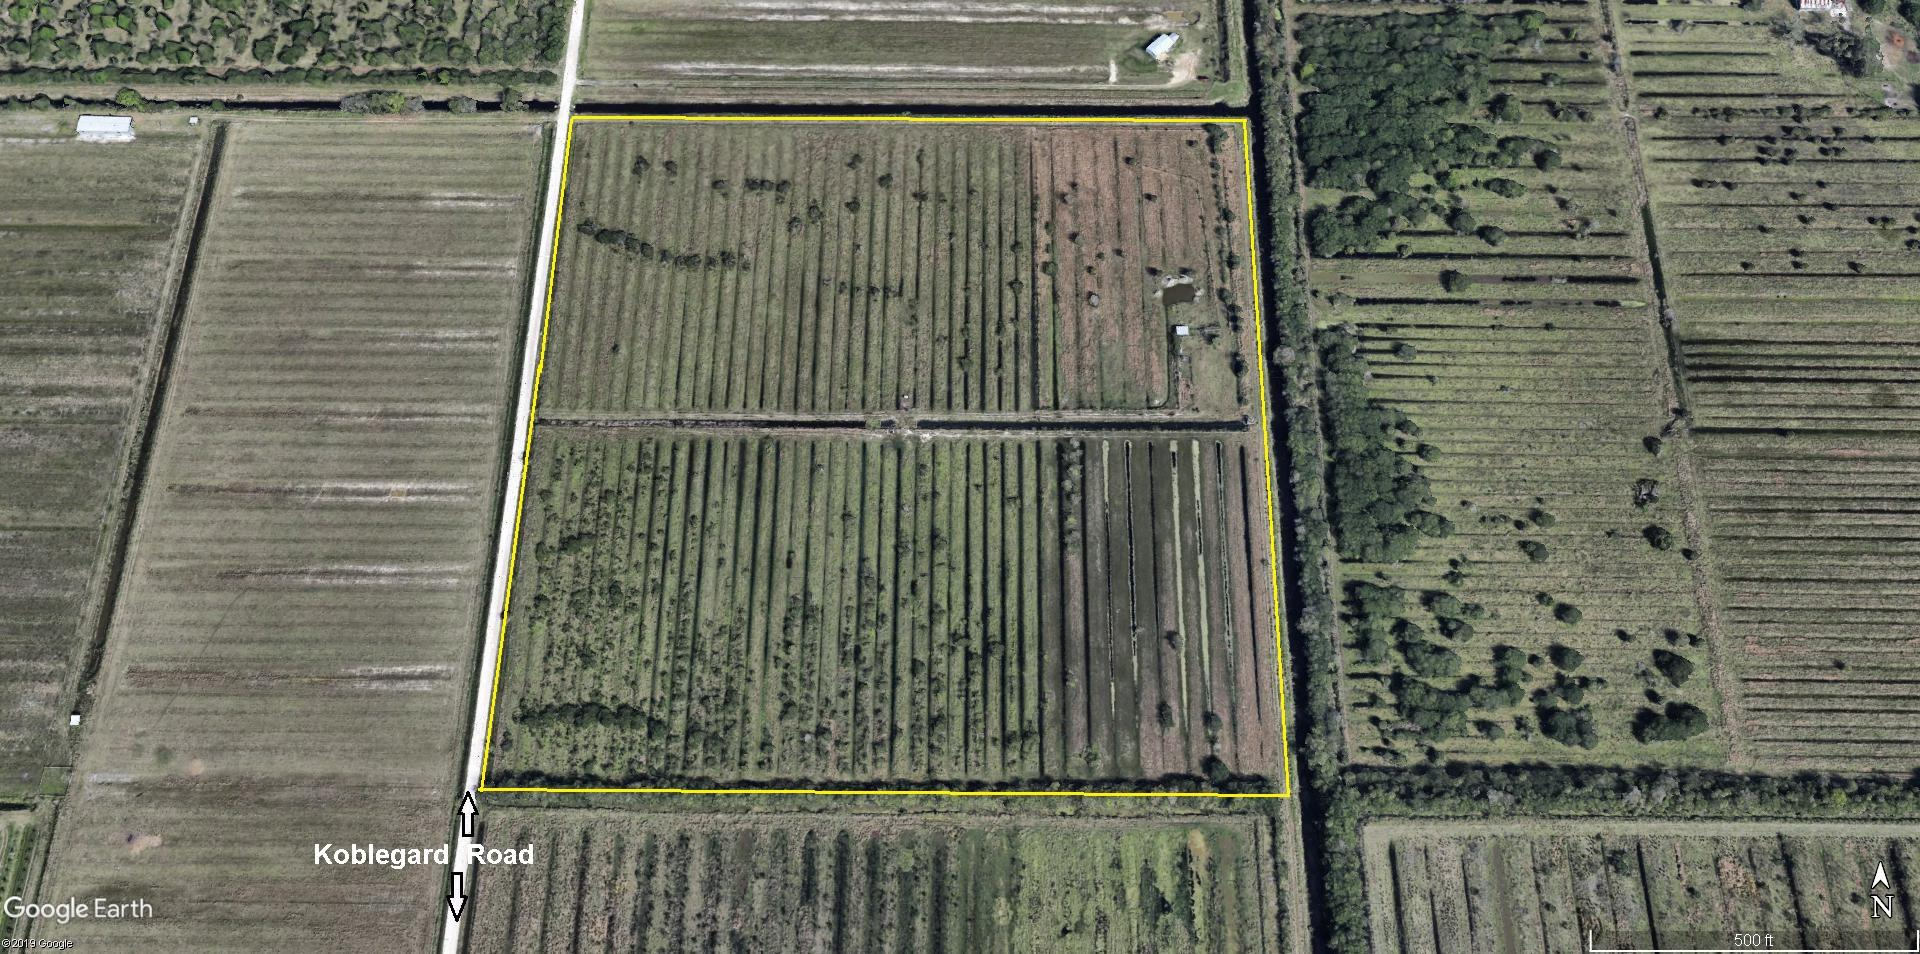 Details for 5880 Koblegard Road, Fort Pierce, FL 34951